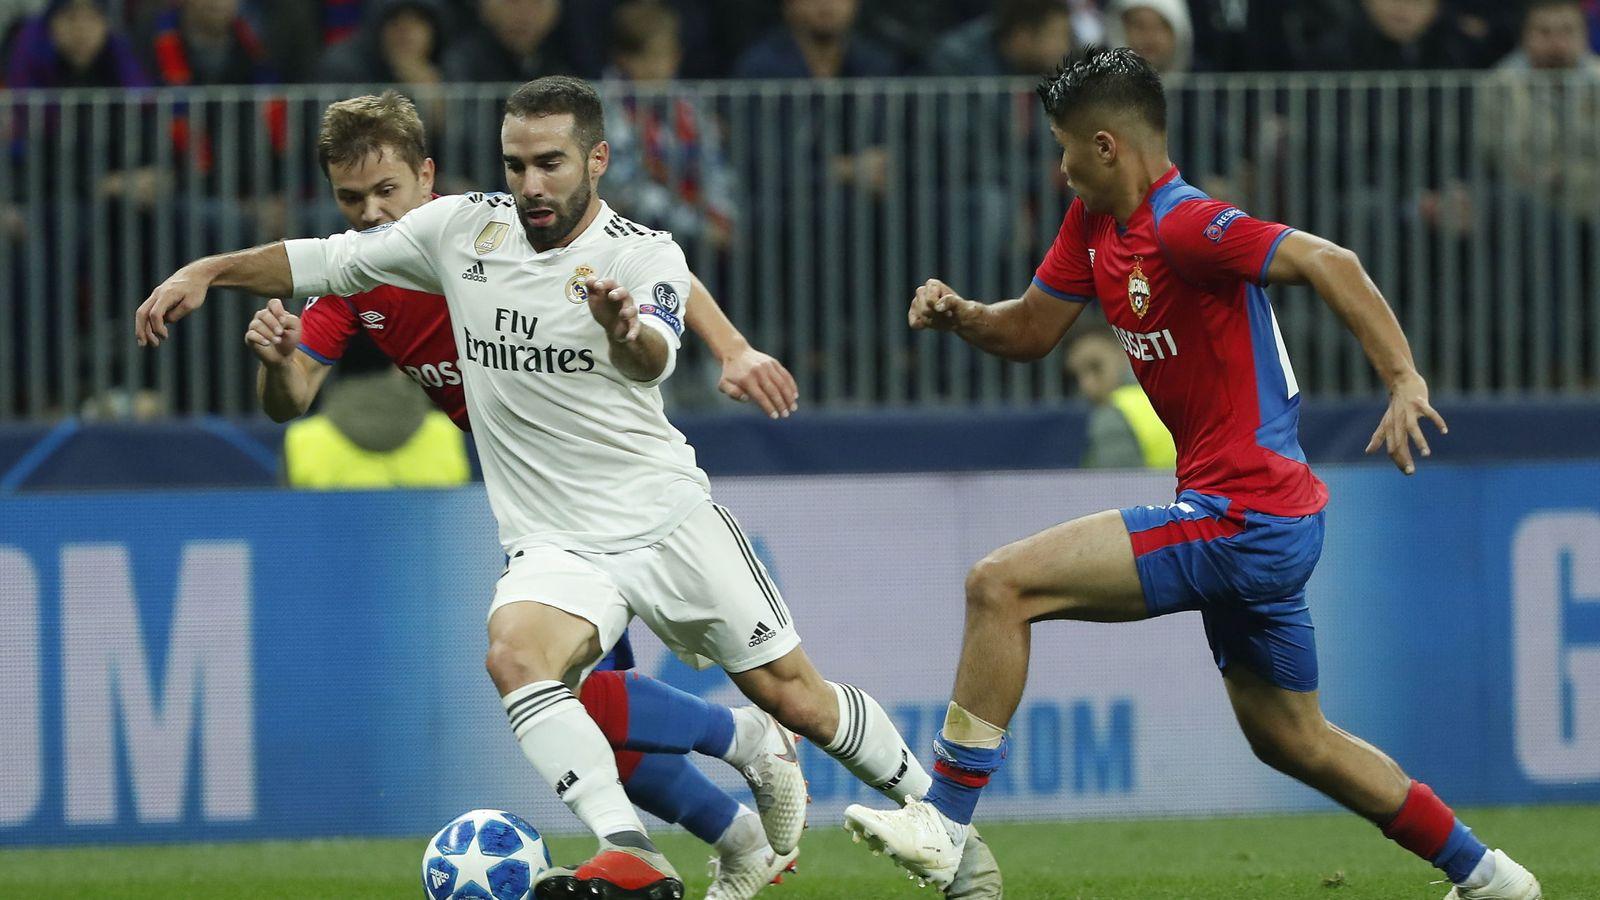 Foto: Carvajal en una jugada durante el partido del Real Madrid contra el CSKA de Moscú. (Efe)